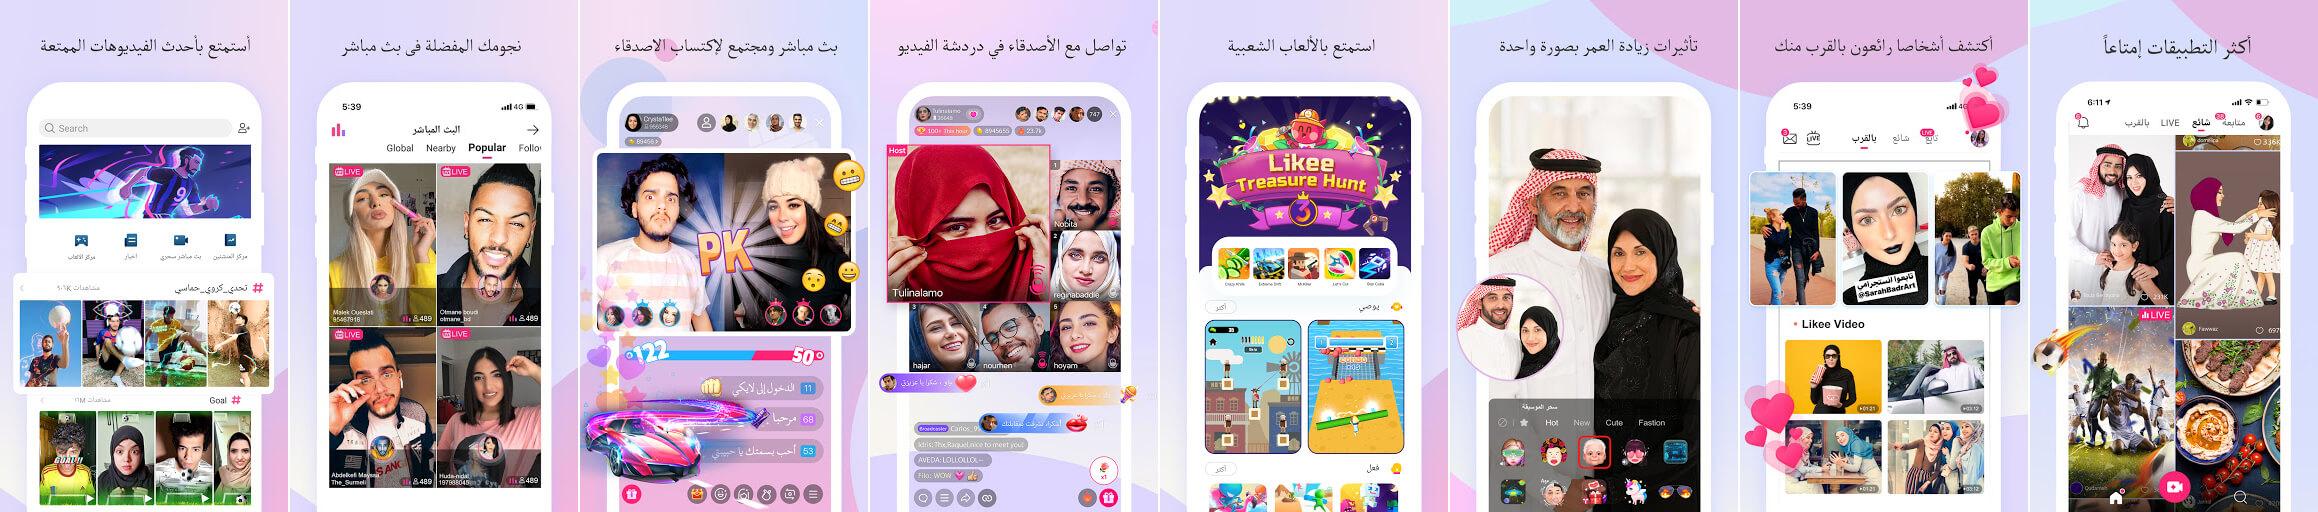 لقطات شاشة لتطبيق لايكي Likee للموبايل